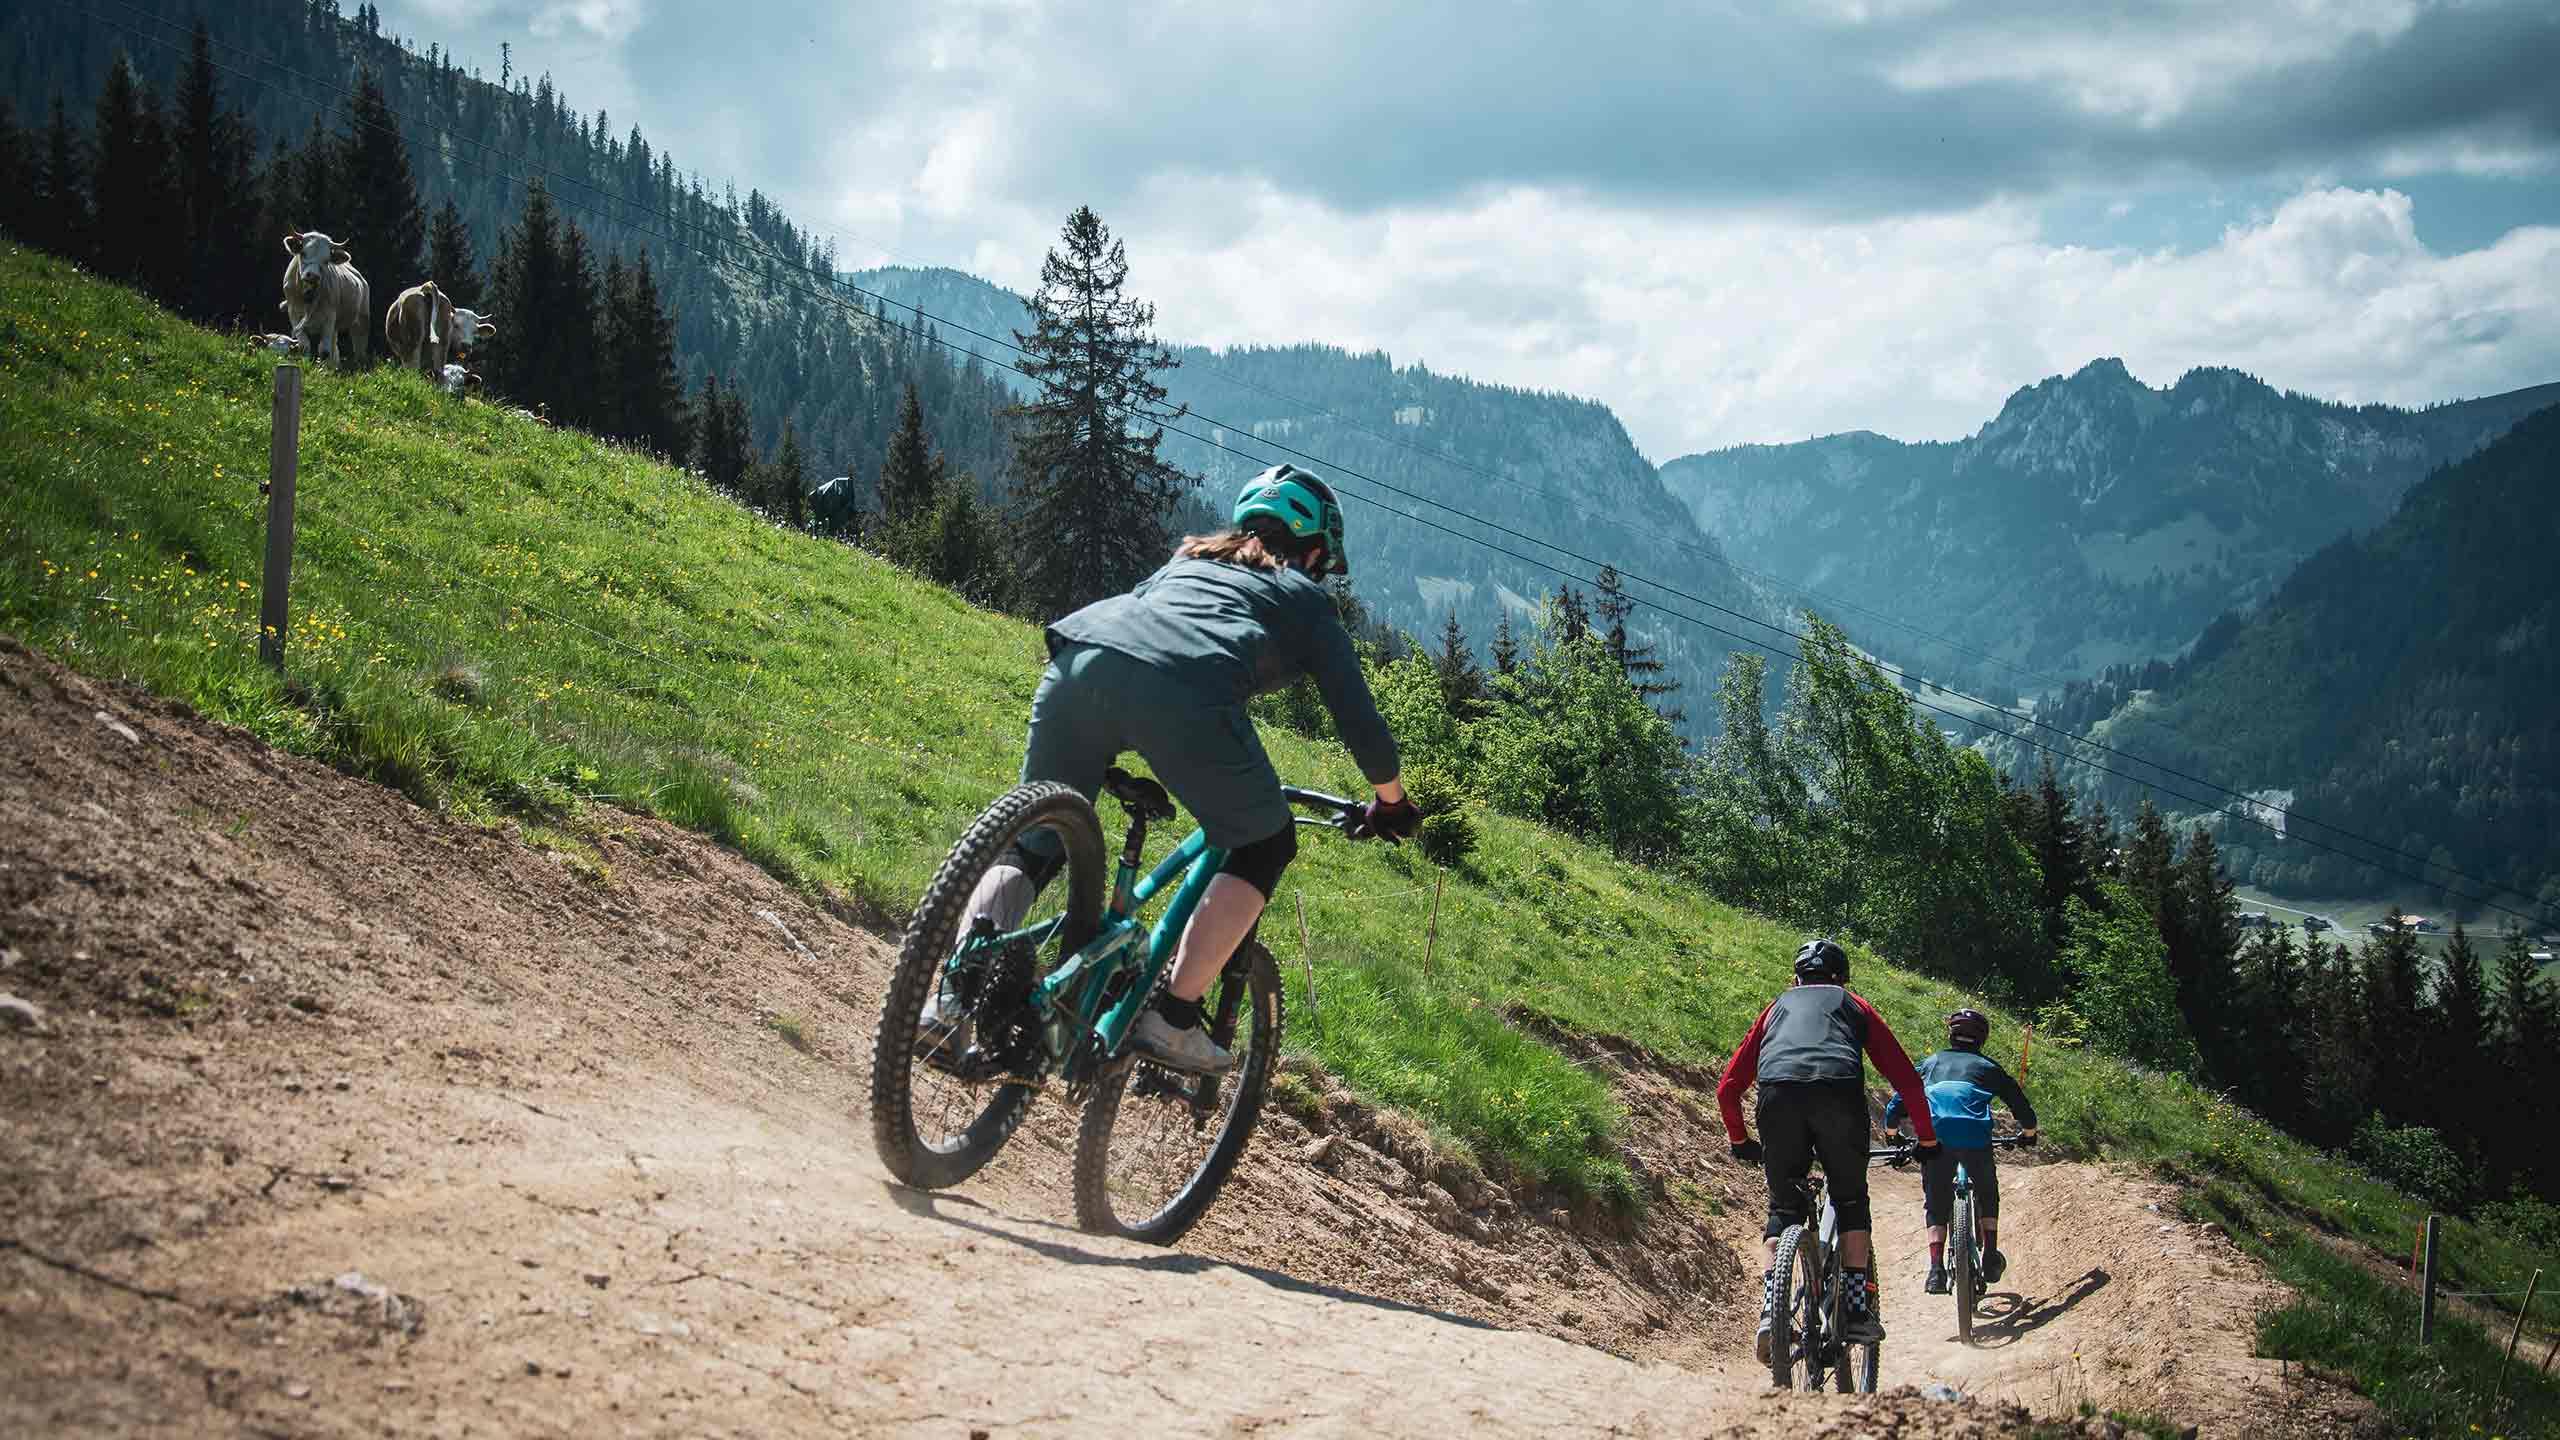 downhill-bikepark-wiriehorn-biker-fahren-richtung-tal.jpg